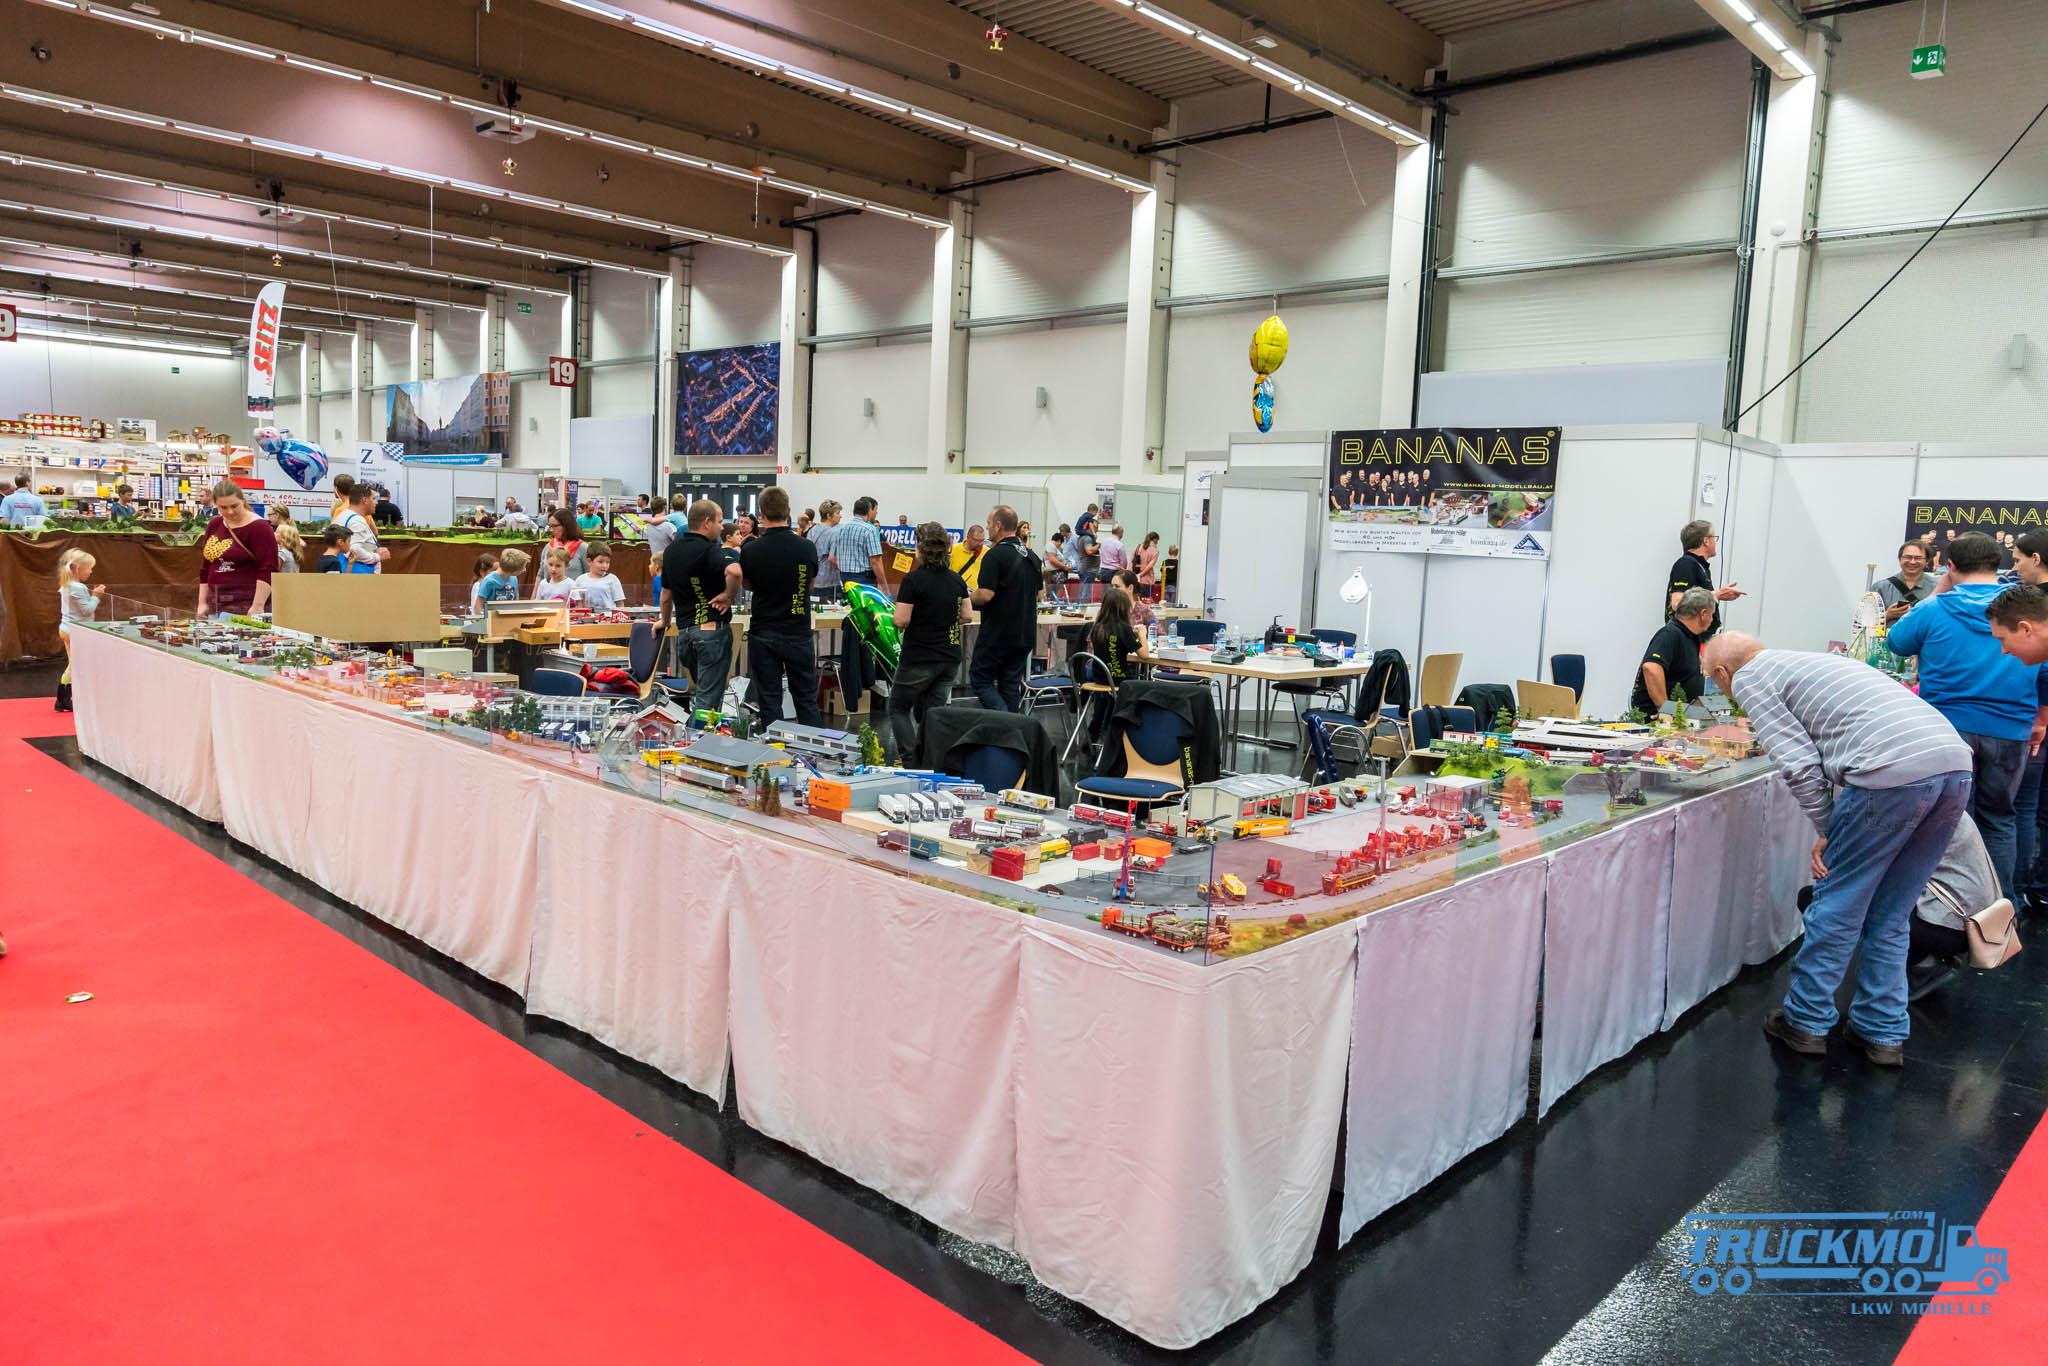 Truckmo_Modellbau_Ried_2017_Herpa_Messe_Modellbauausstellung (293 von 1177)